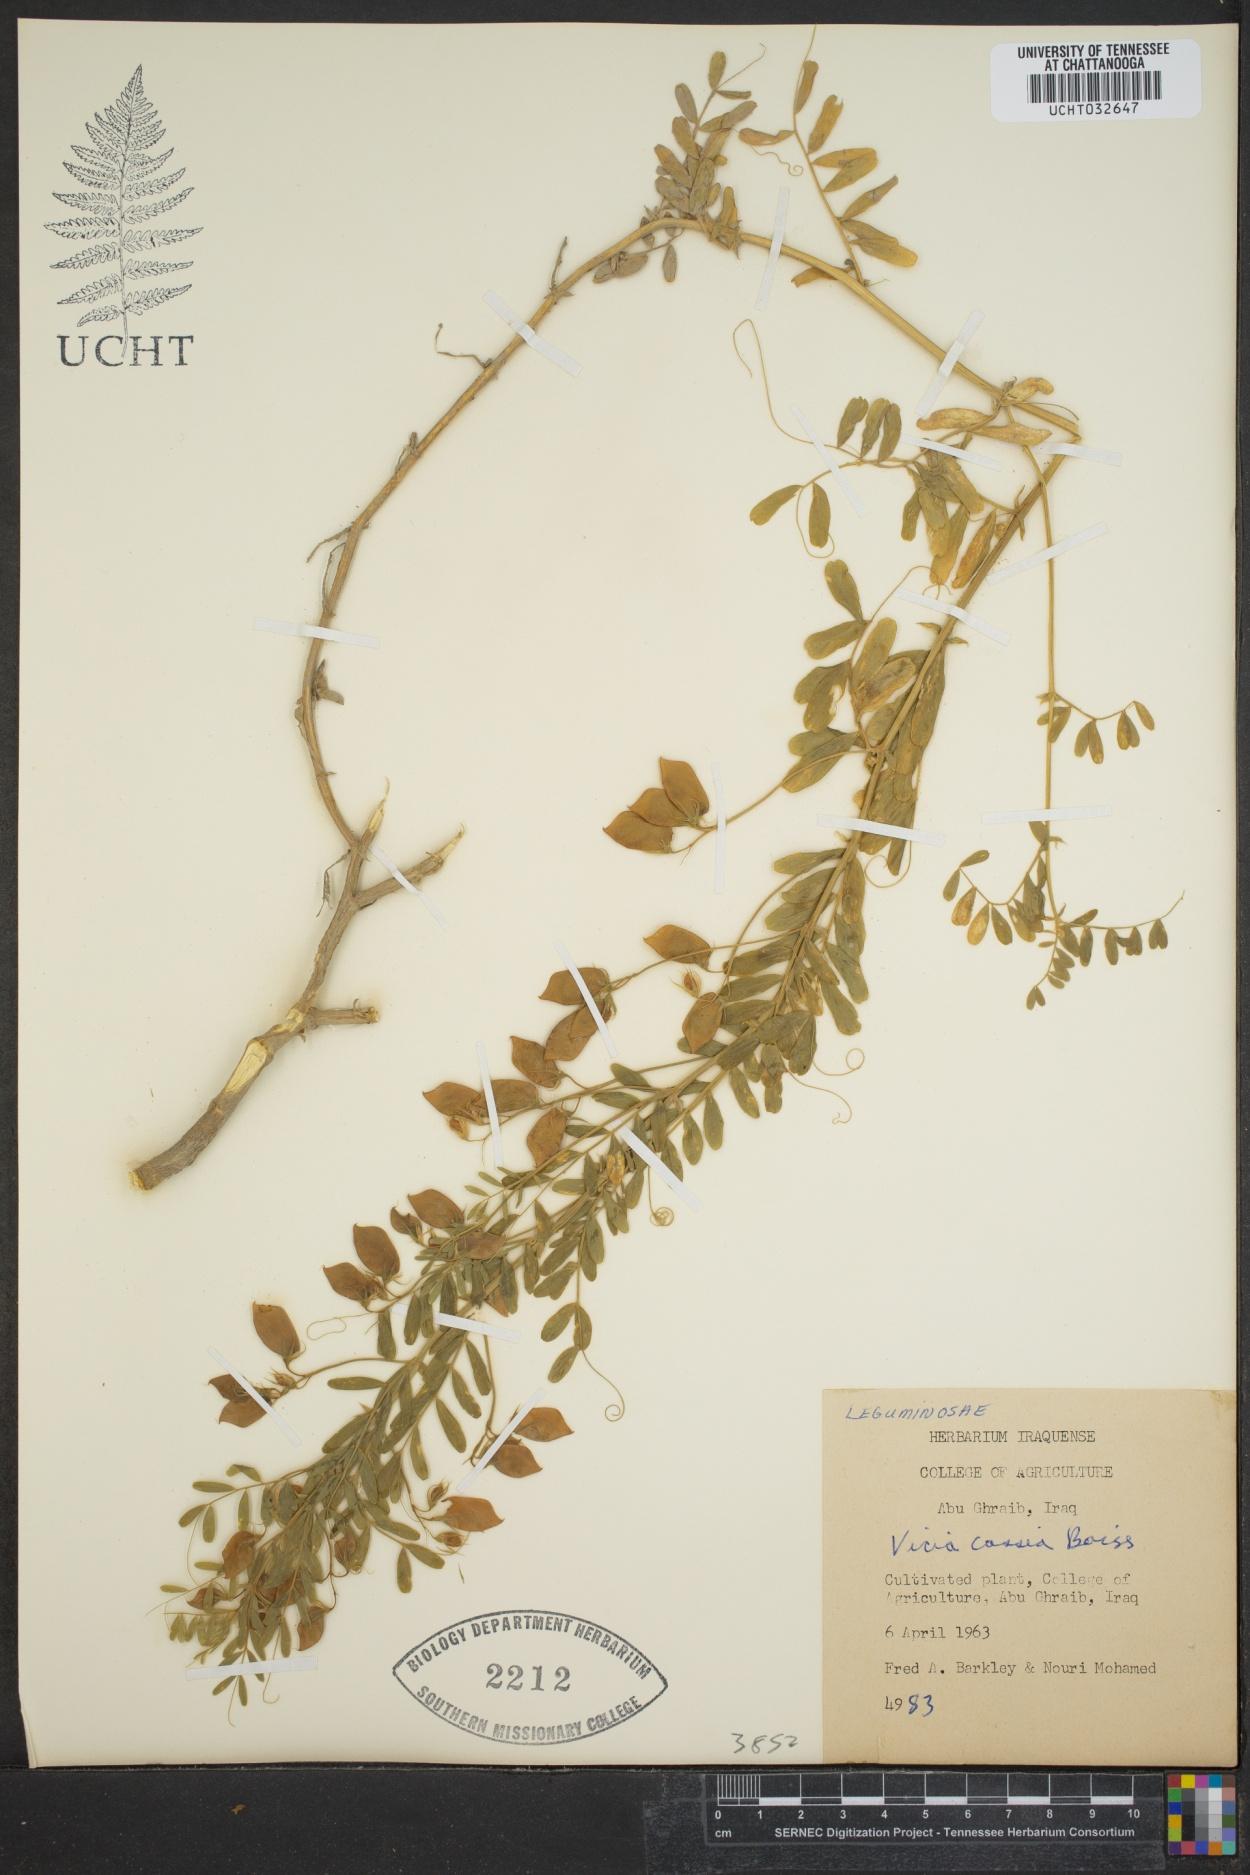 Vicia cassia image